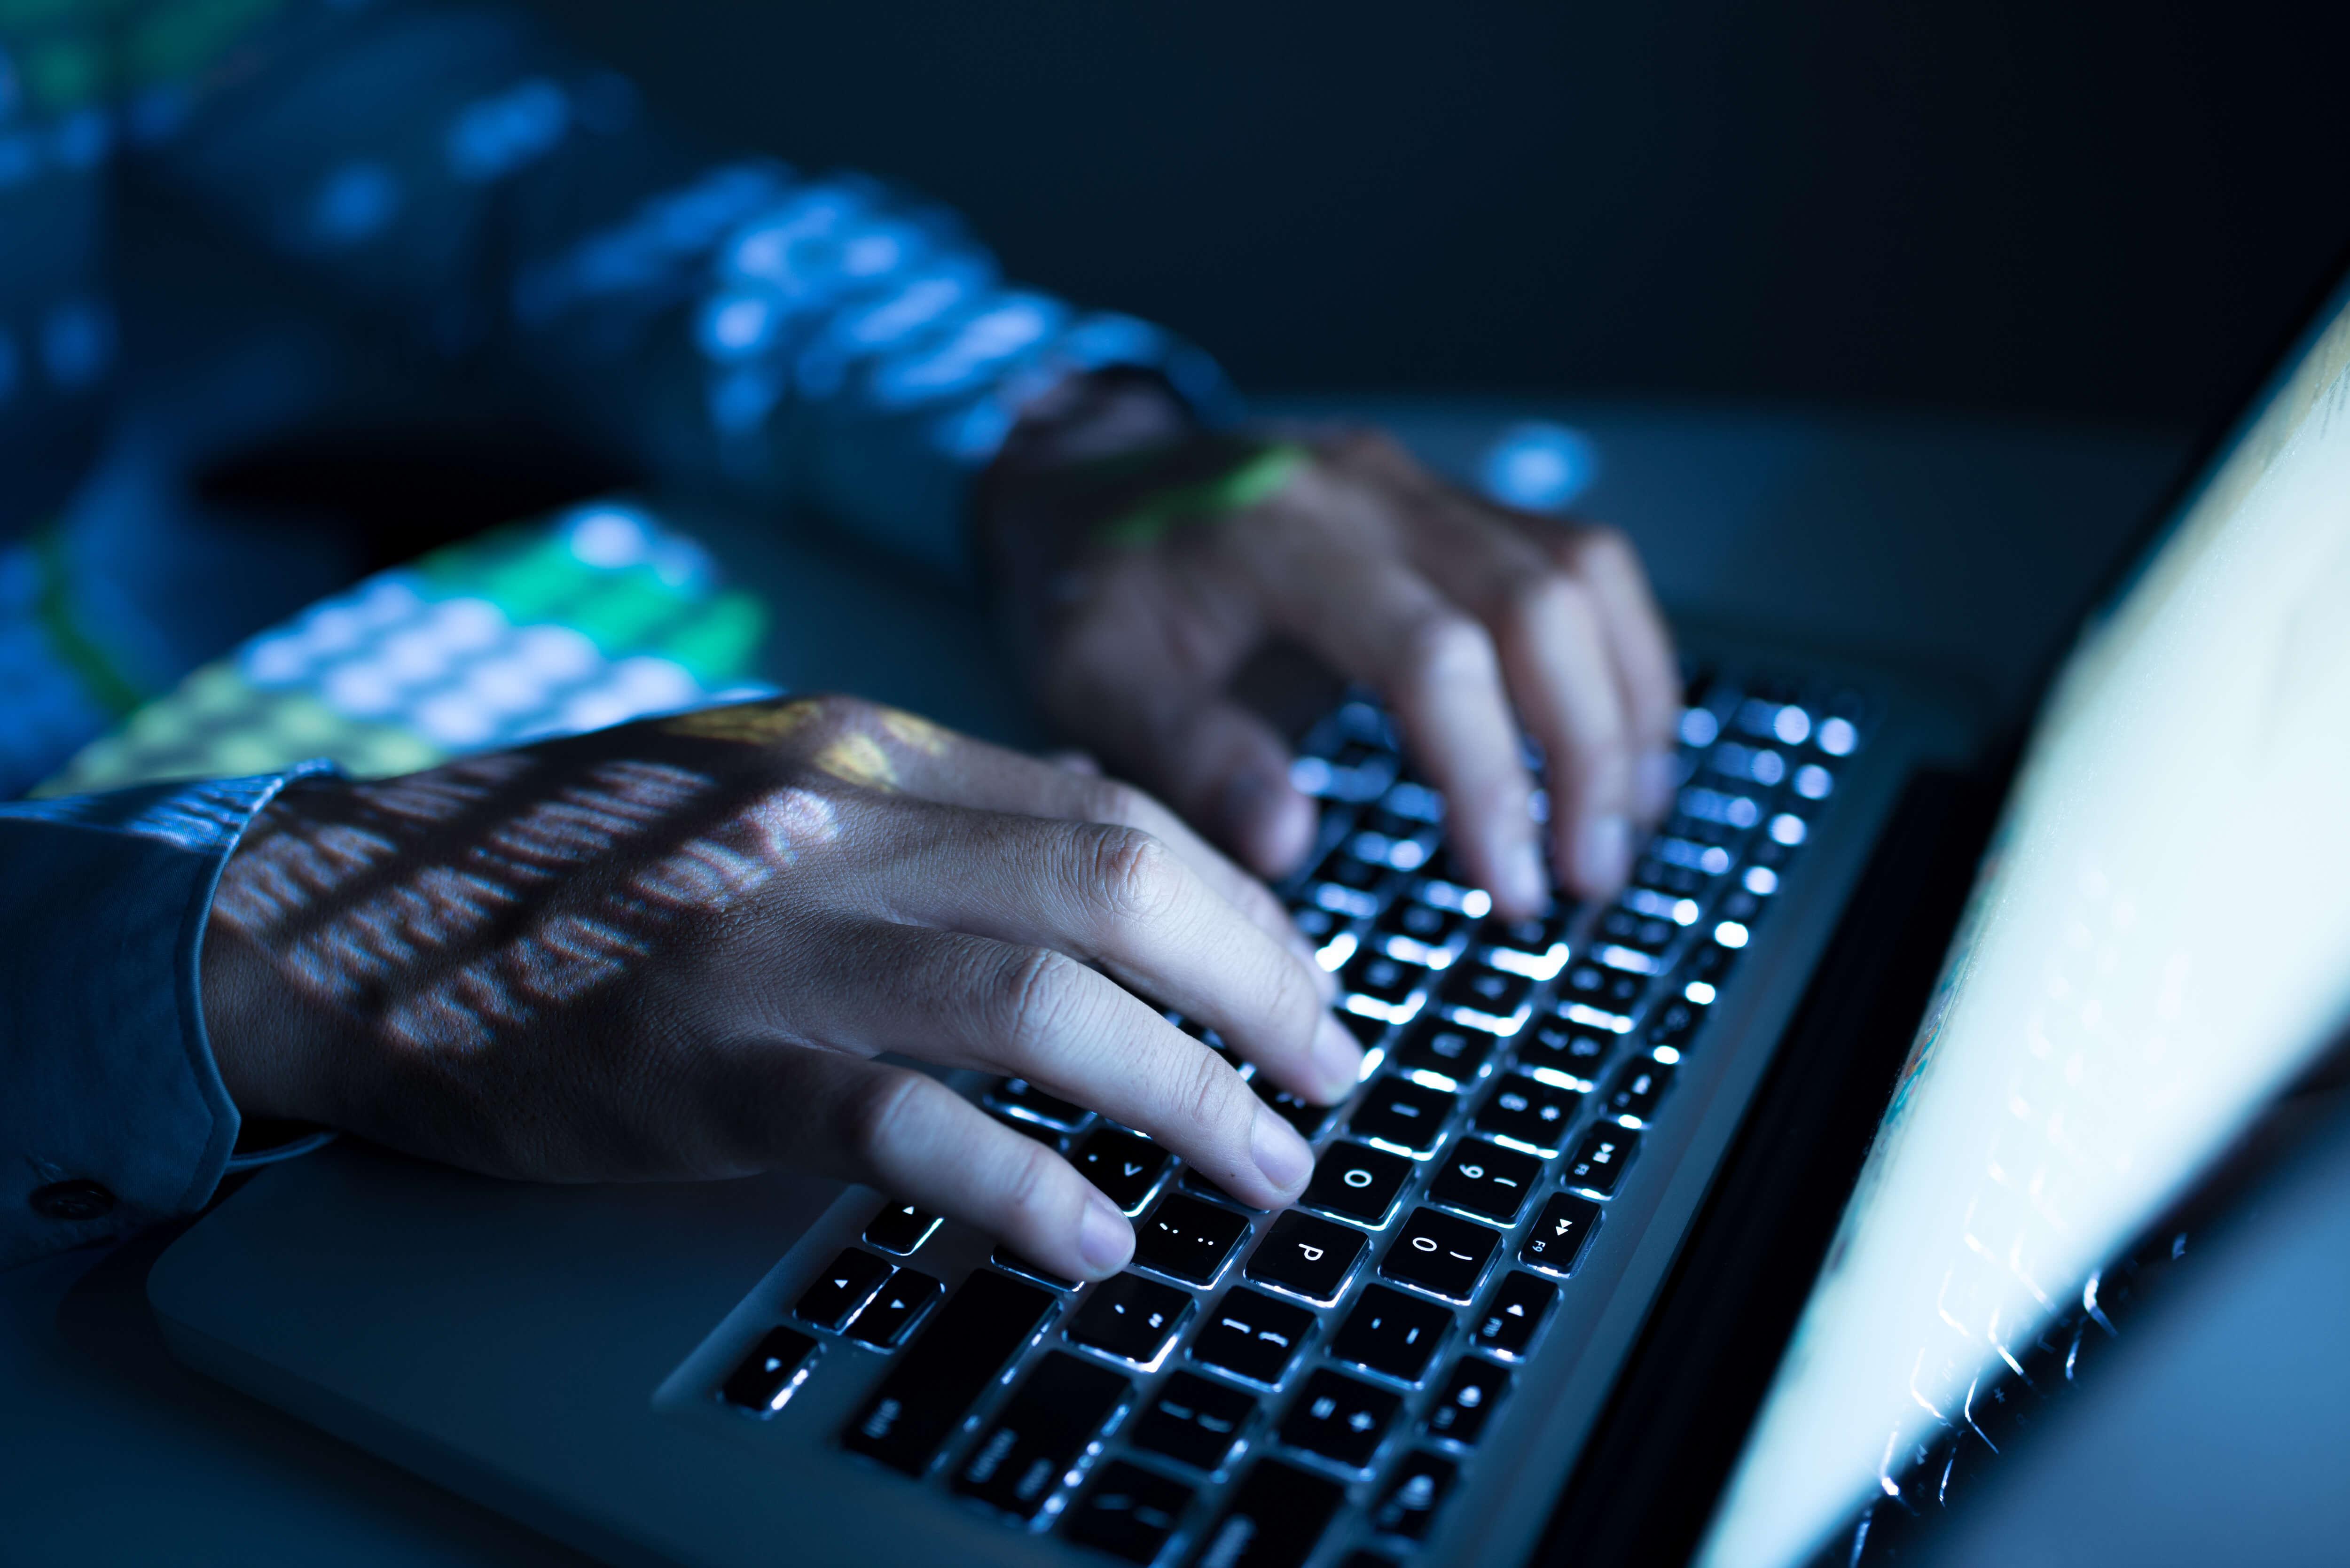 Fraude, cumplimiento y ciberseguridad